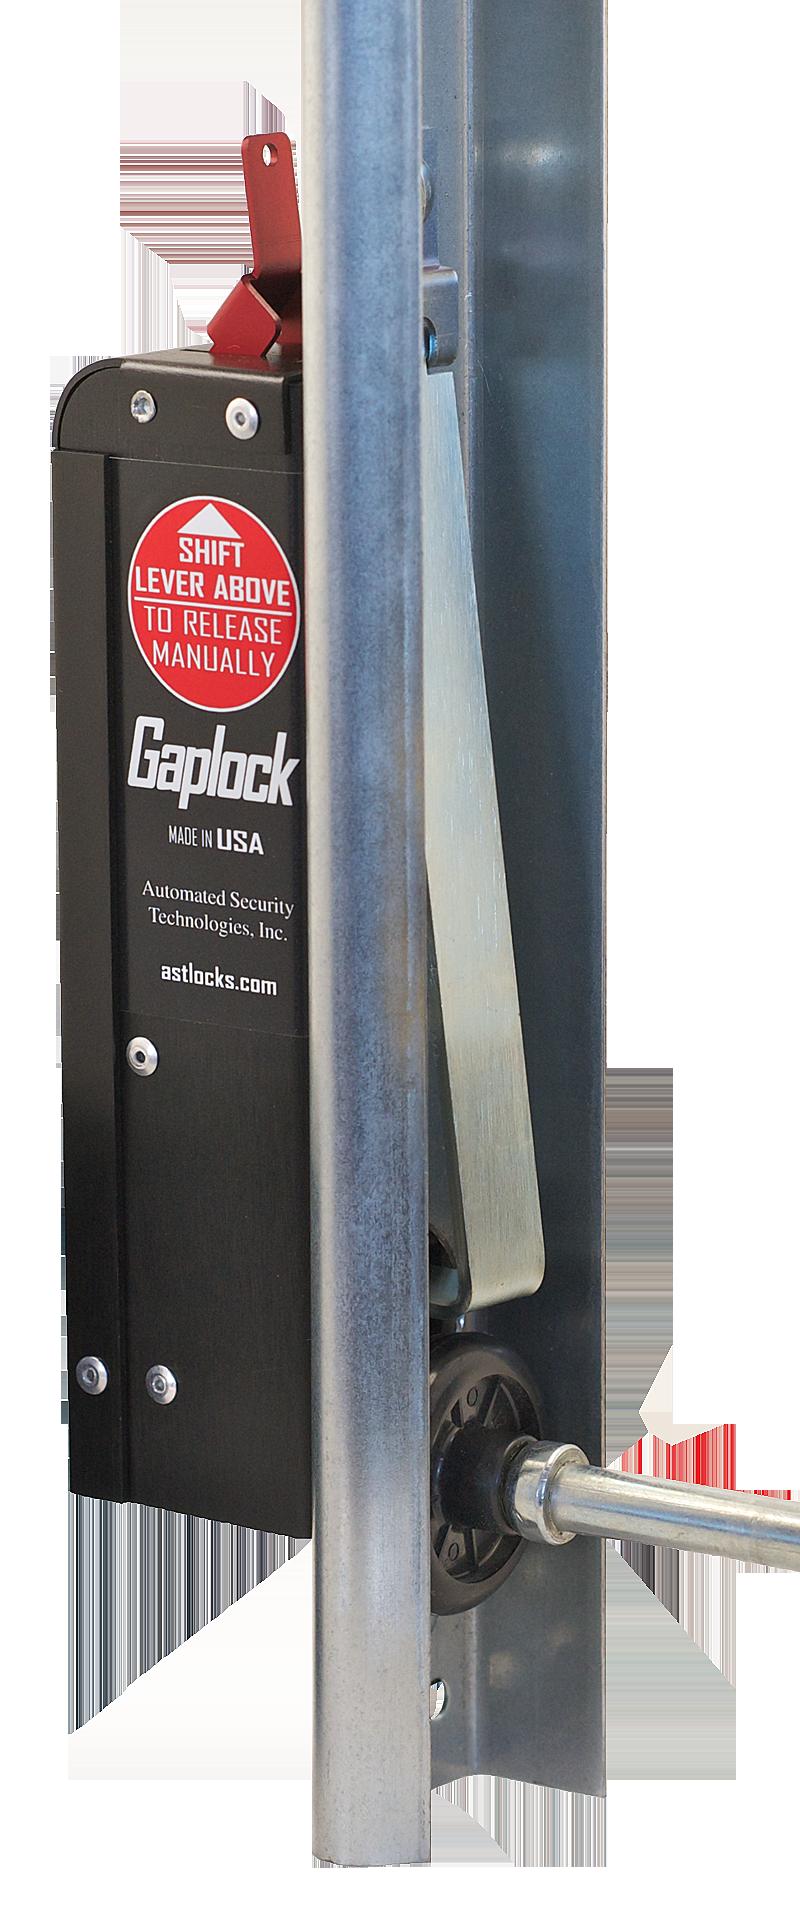 Print For Garage Gaplock Gdo Lock That Works With